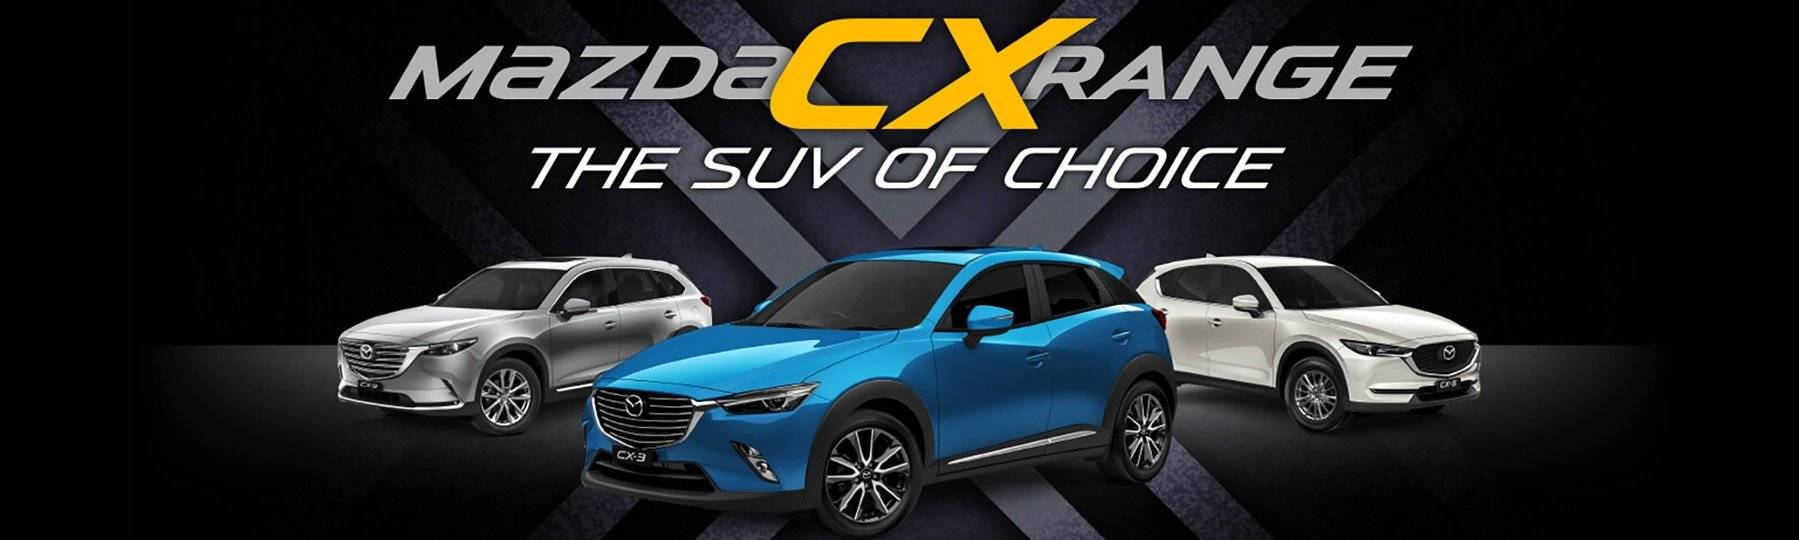 Mazda CX Range